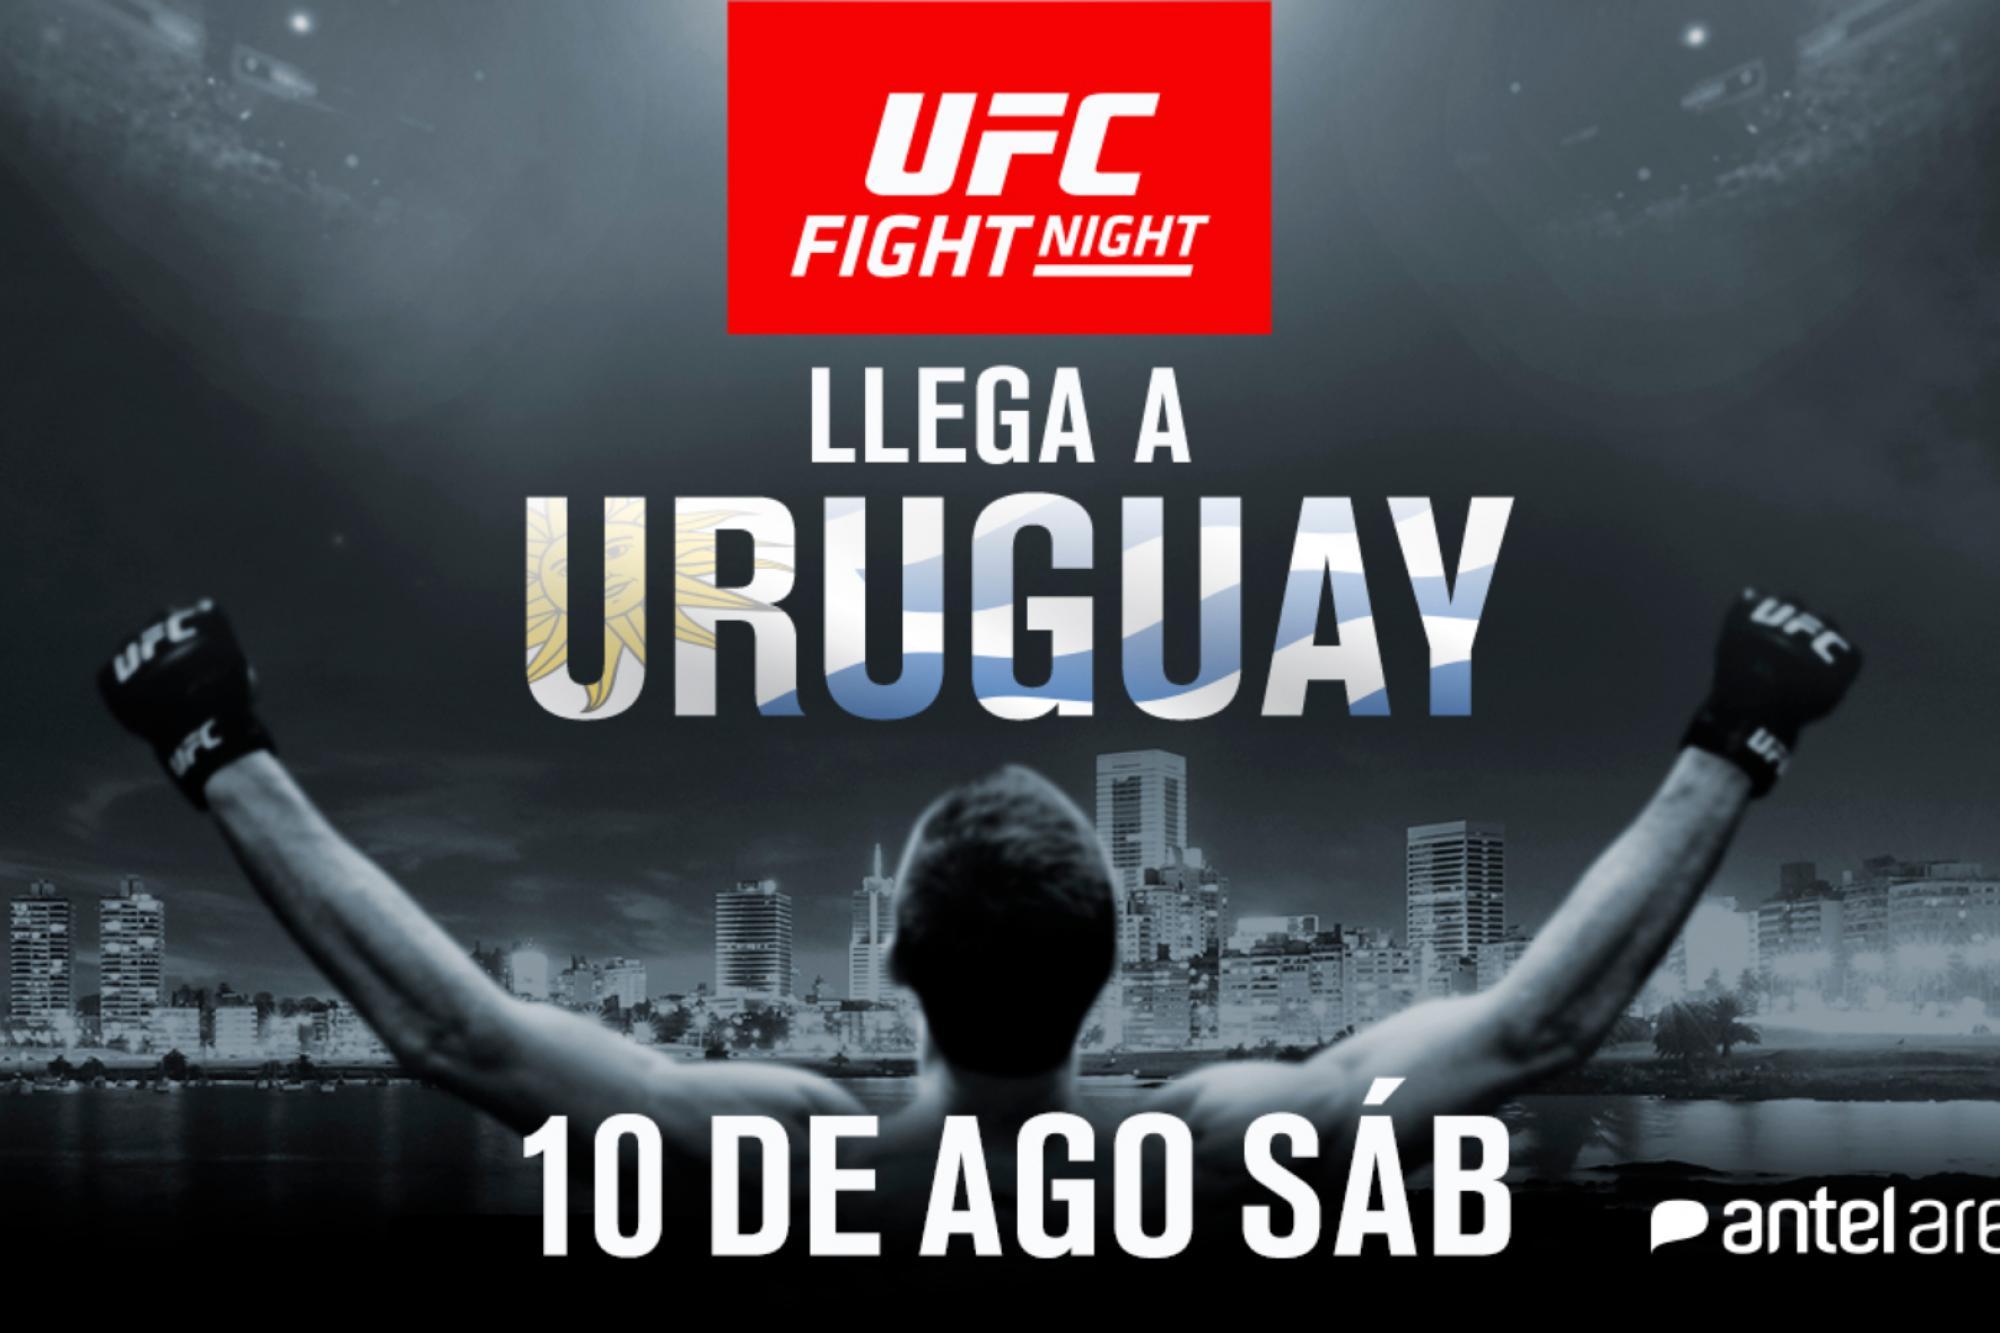 Resultado de imagem para ufc uruguai